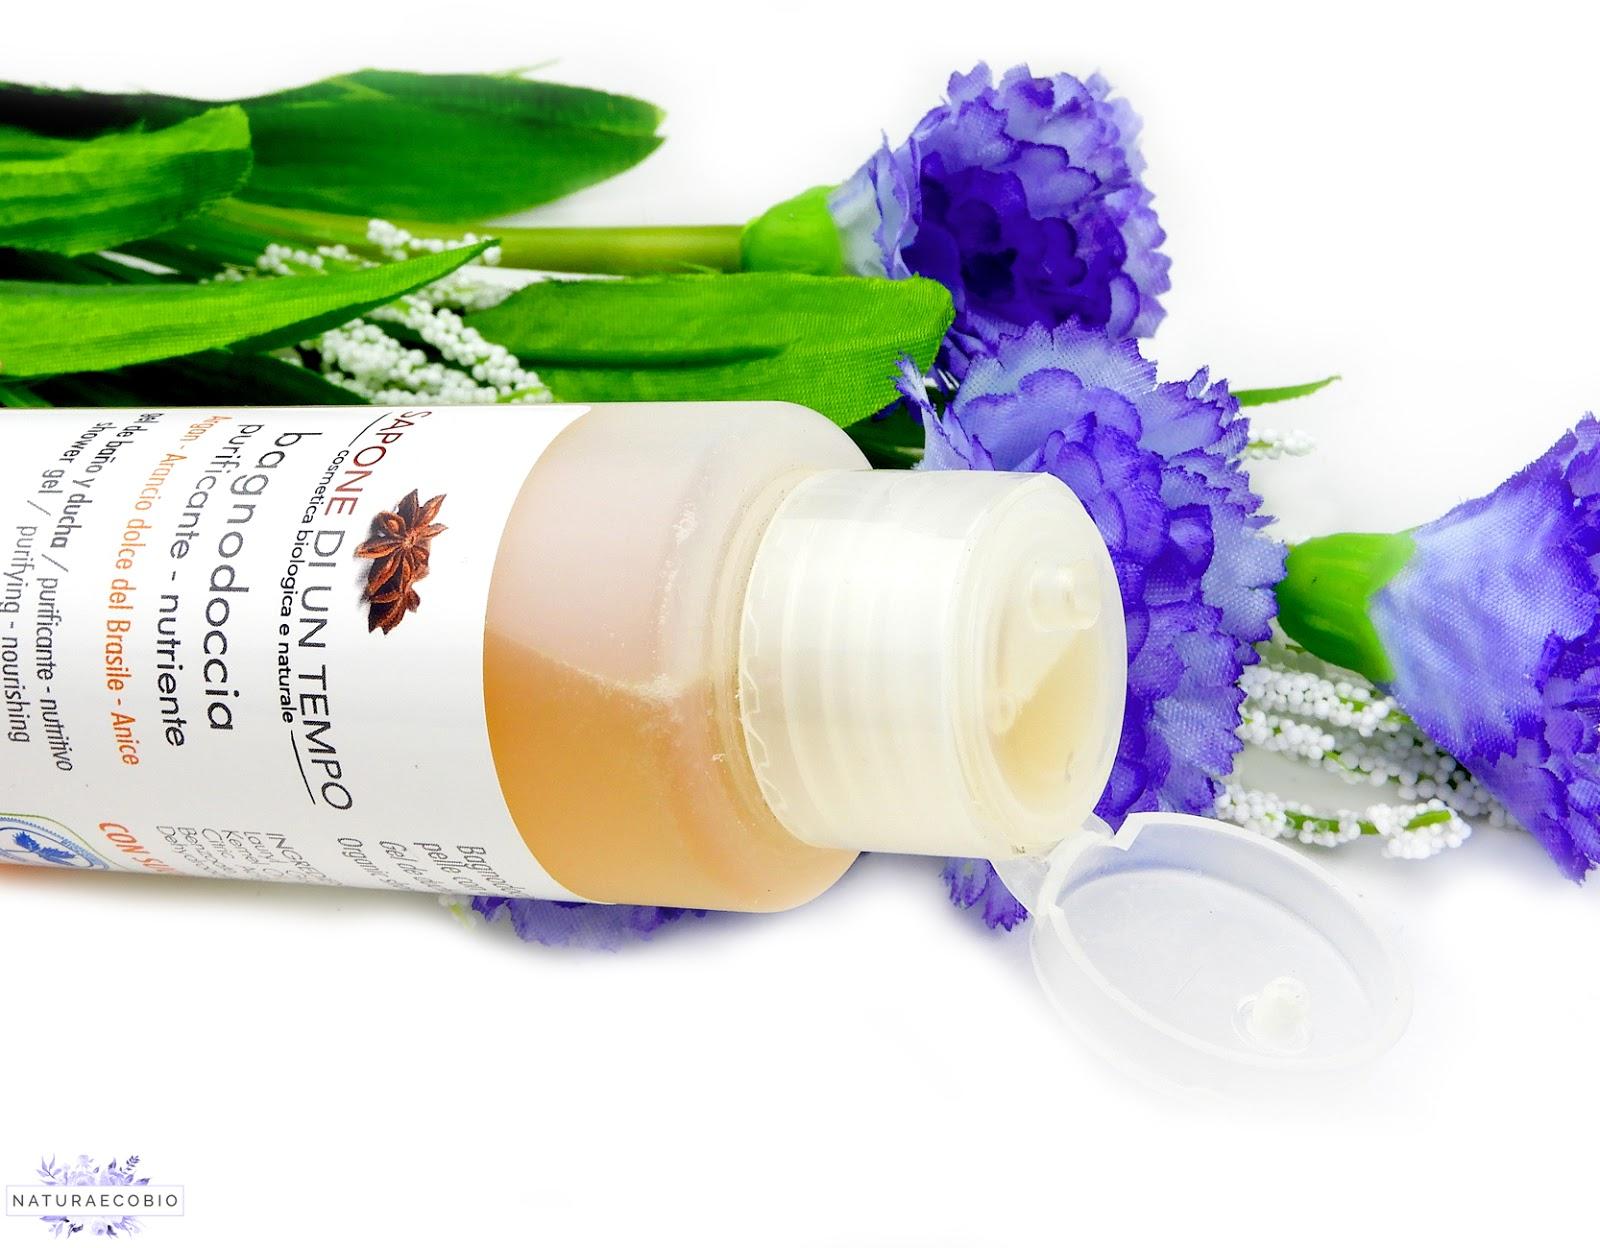 Bagno Doccia Dove : Review dove bagno doccia e crema corpo al pistacchio e magnolia e